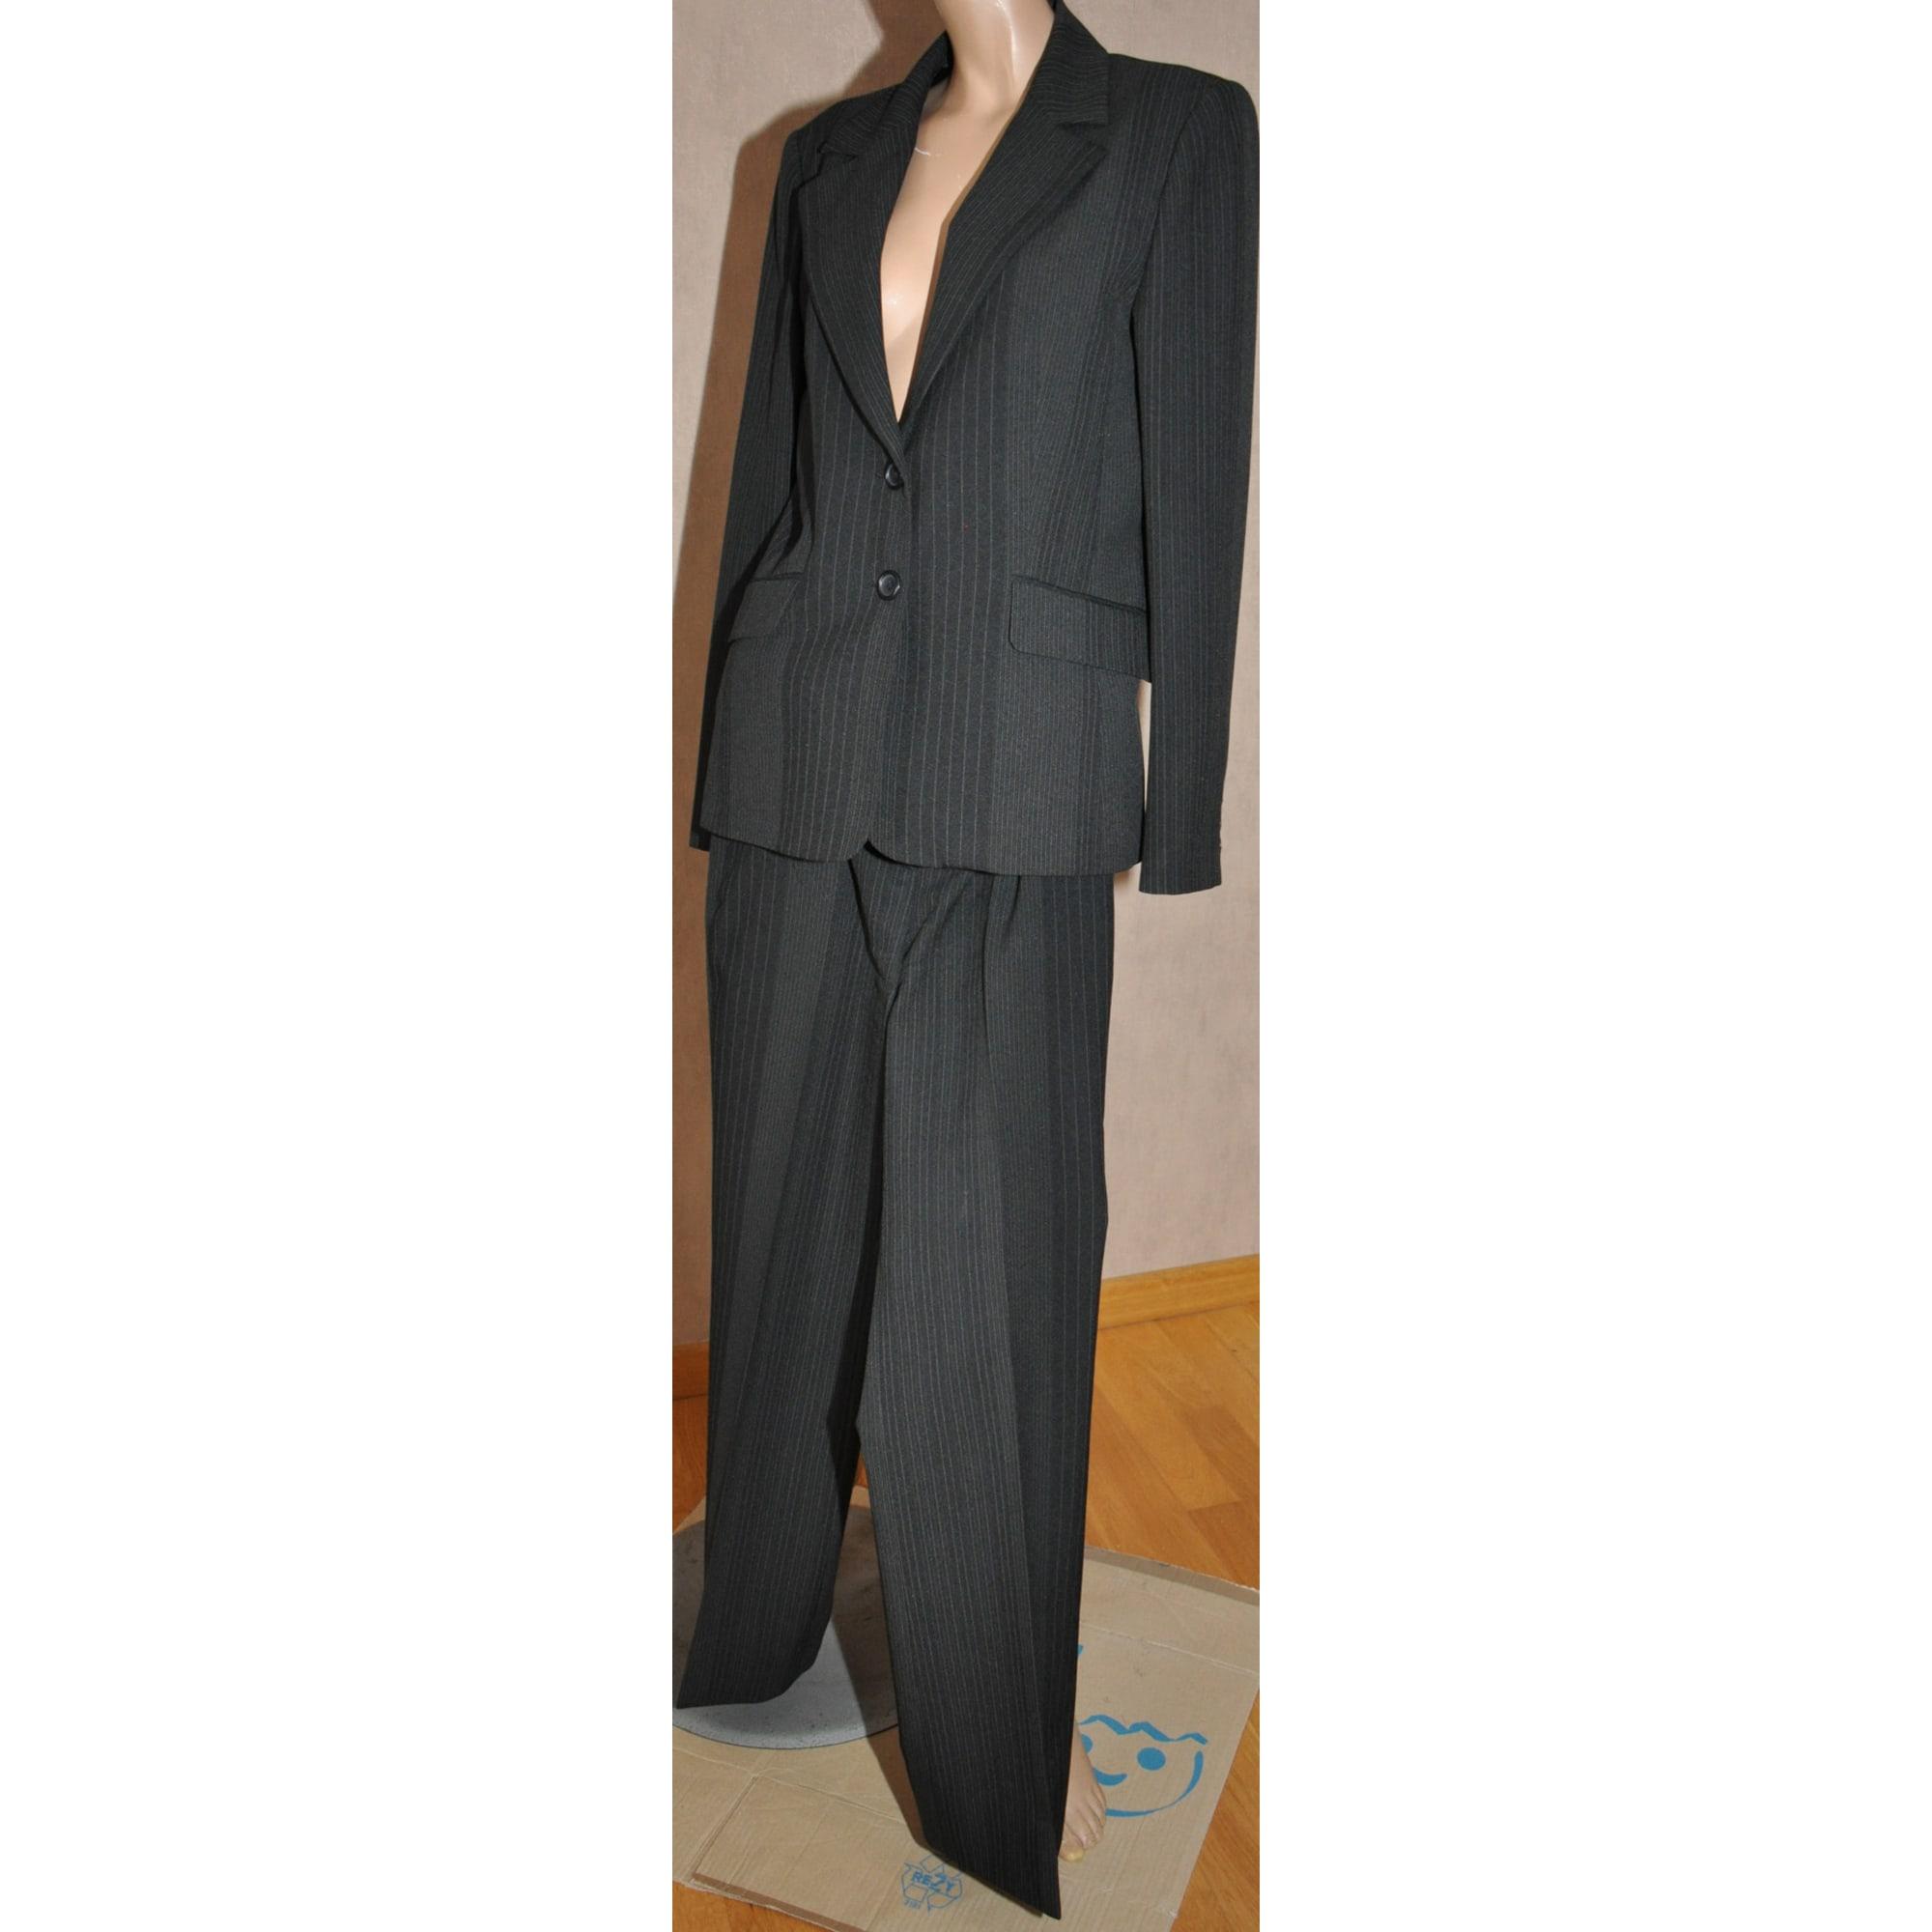 Tailleur Pantalon Naf Naf 40 L T3 Noir 4638715